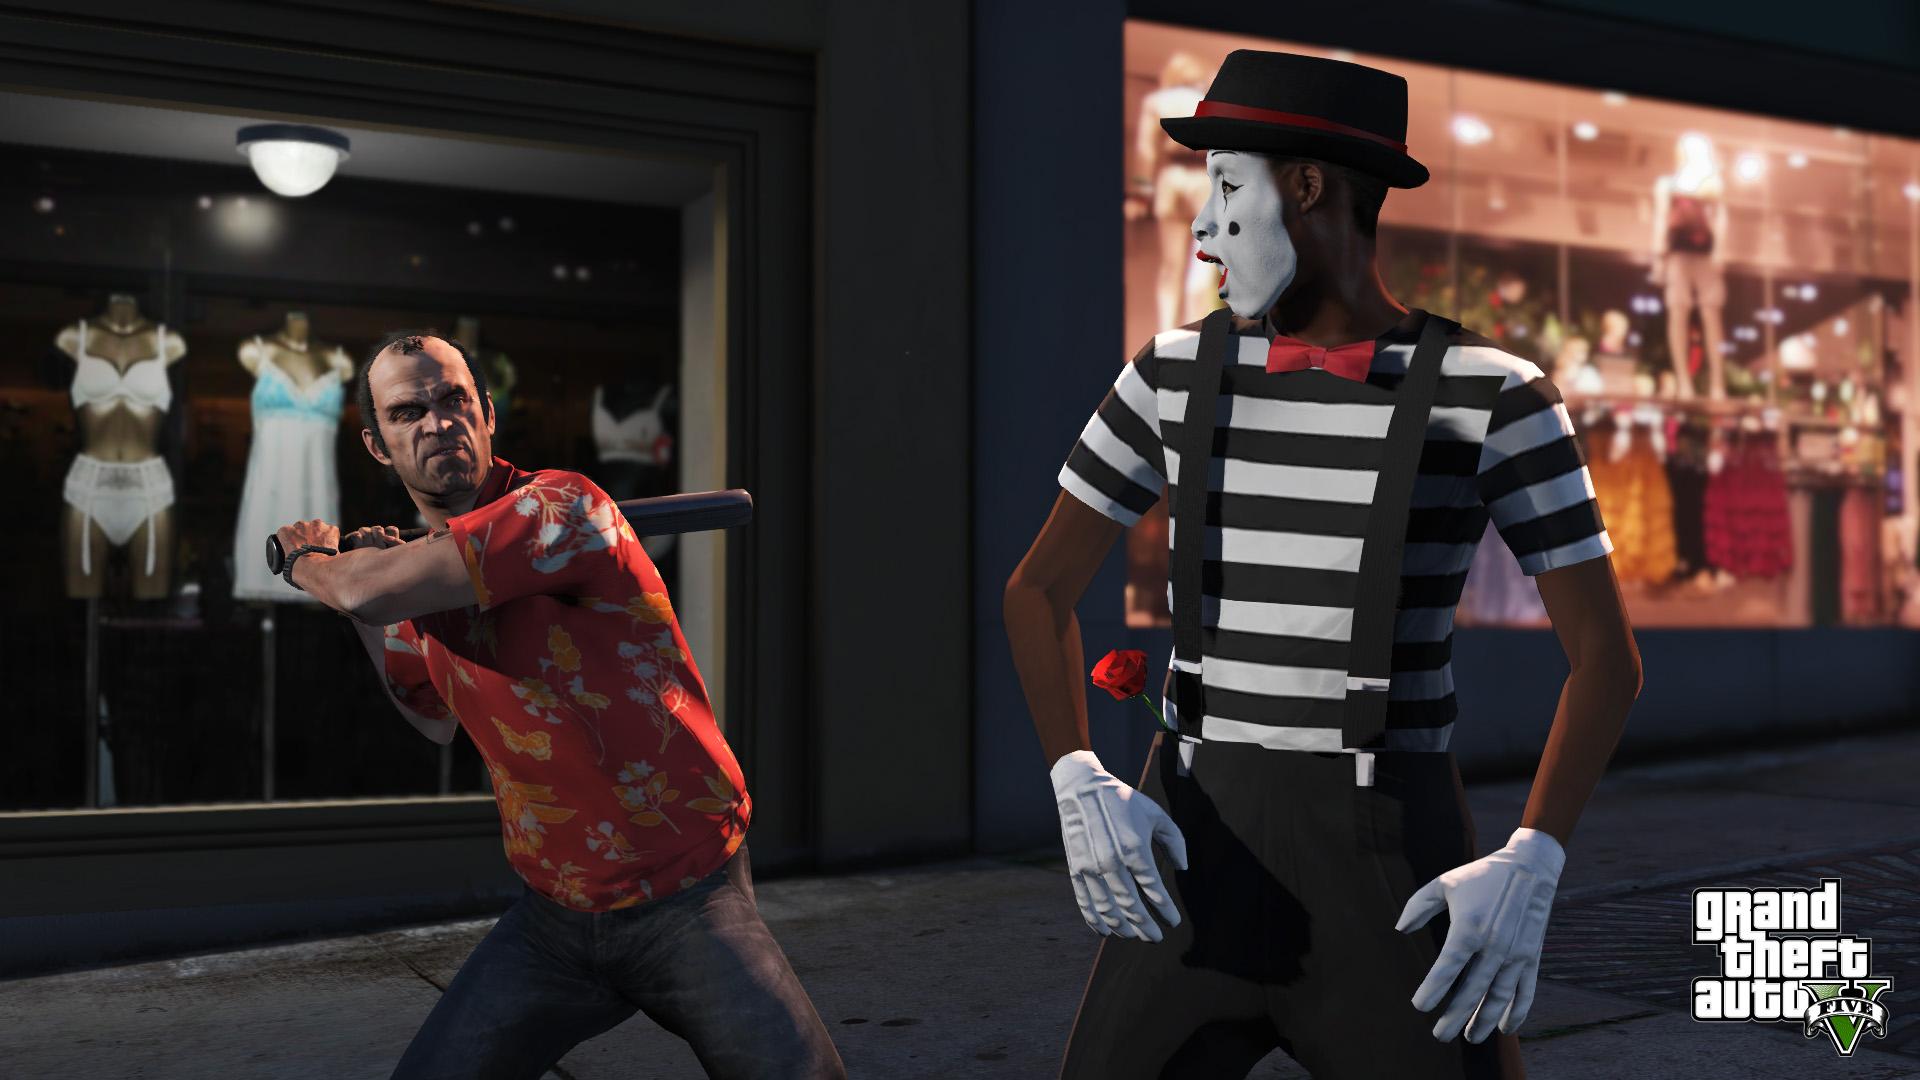 GTA 5 pour PC, PS4 et Xbox One: Rockstar dévoile 5 nouvelles images